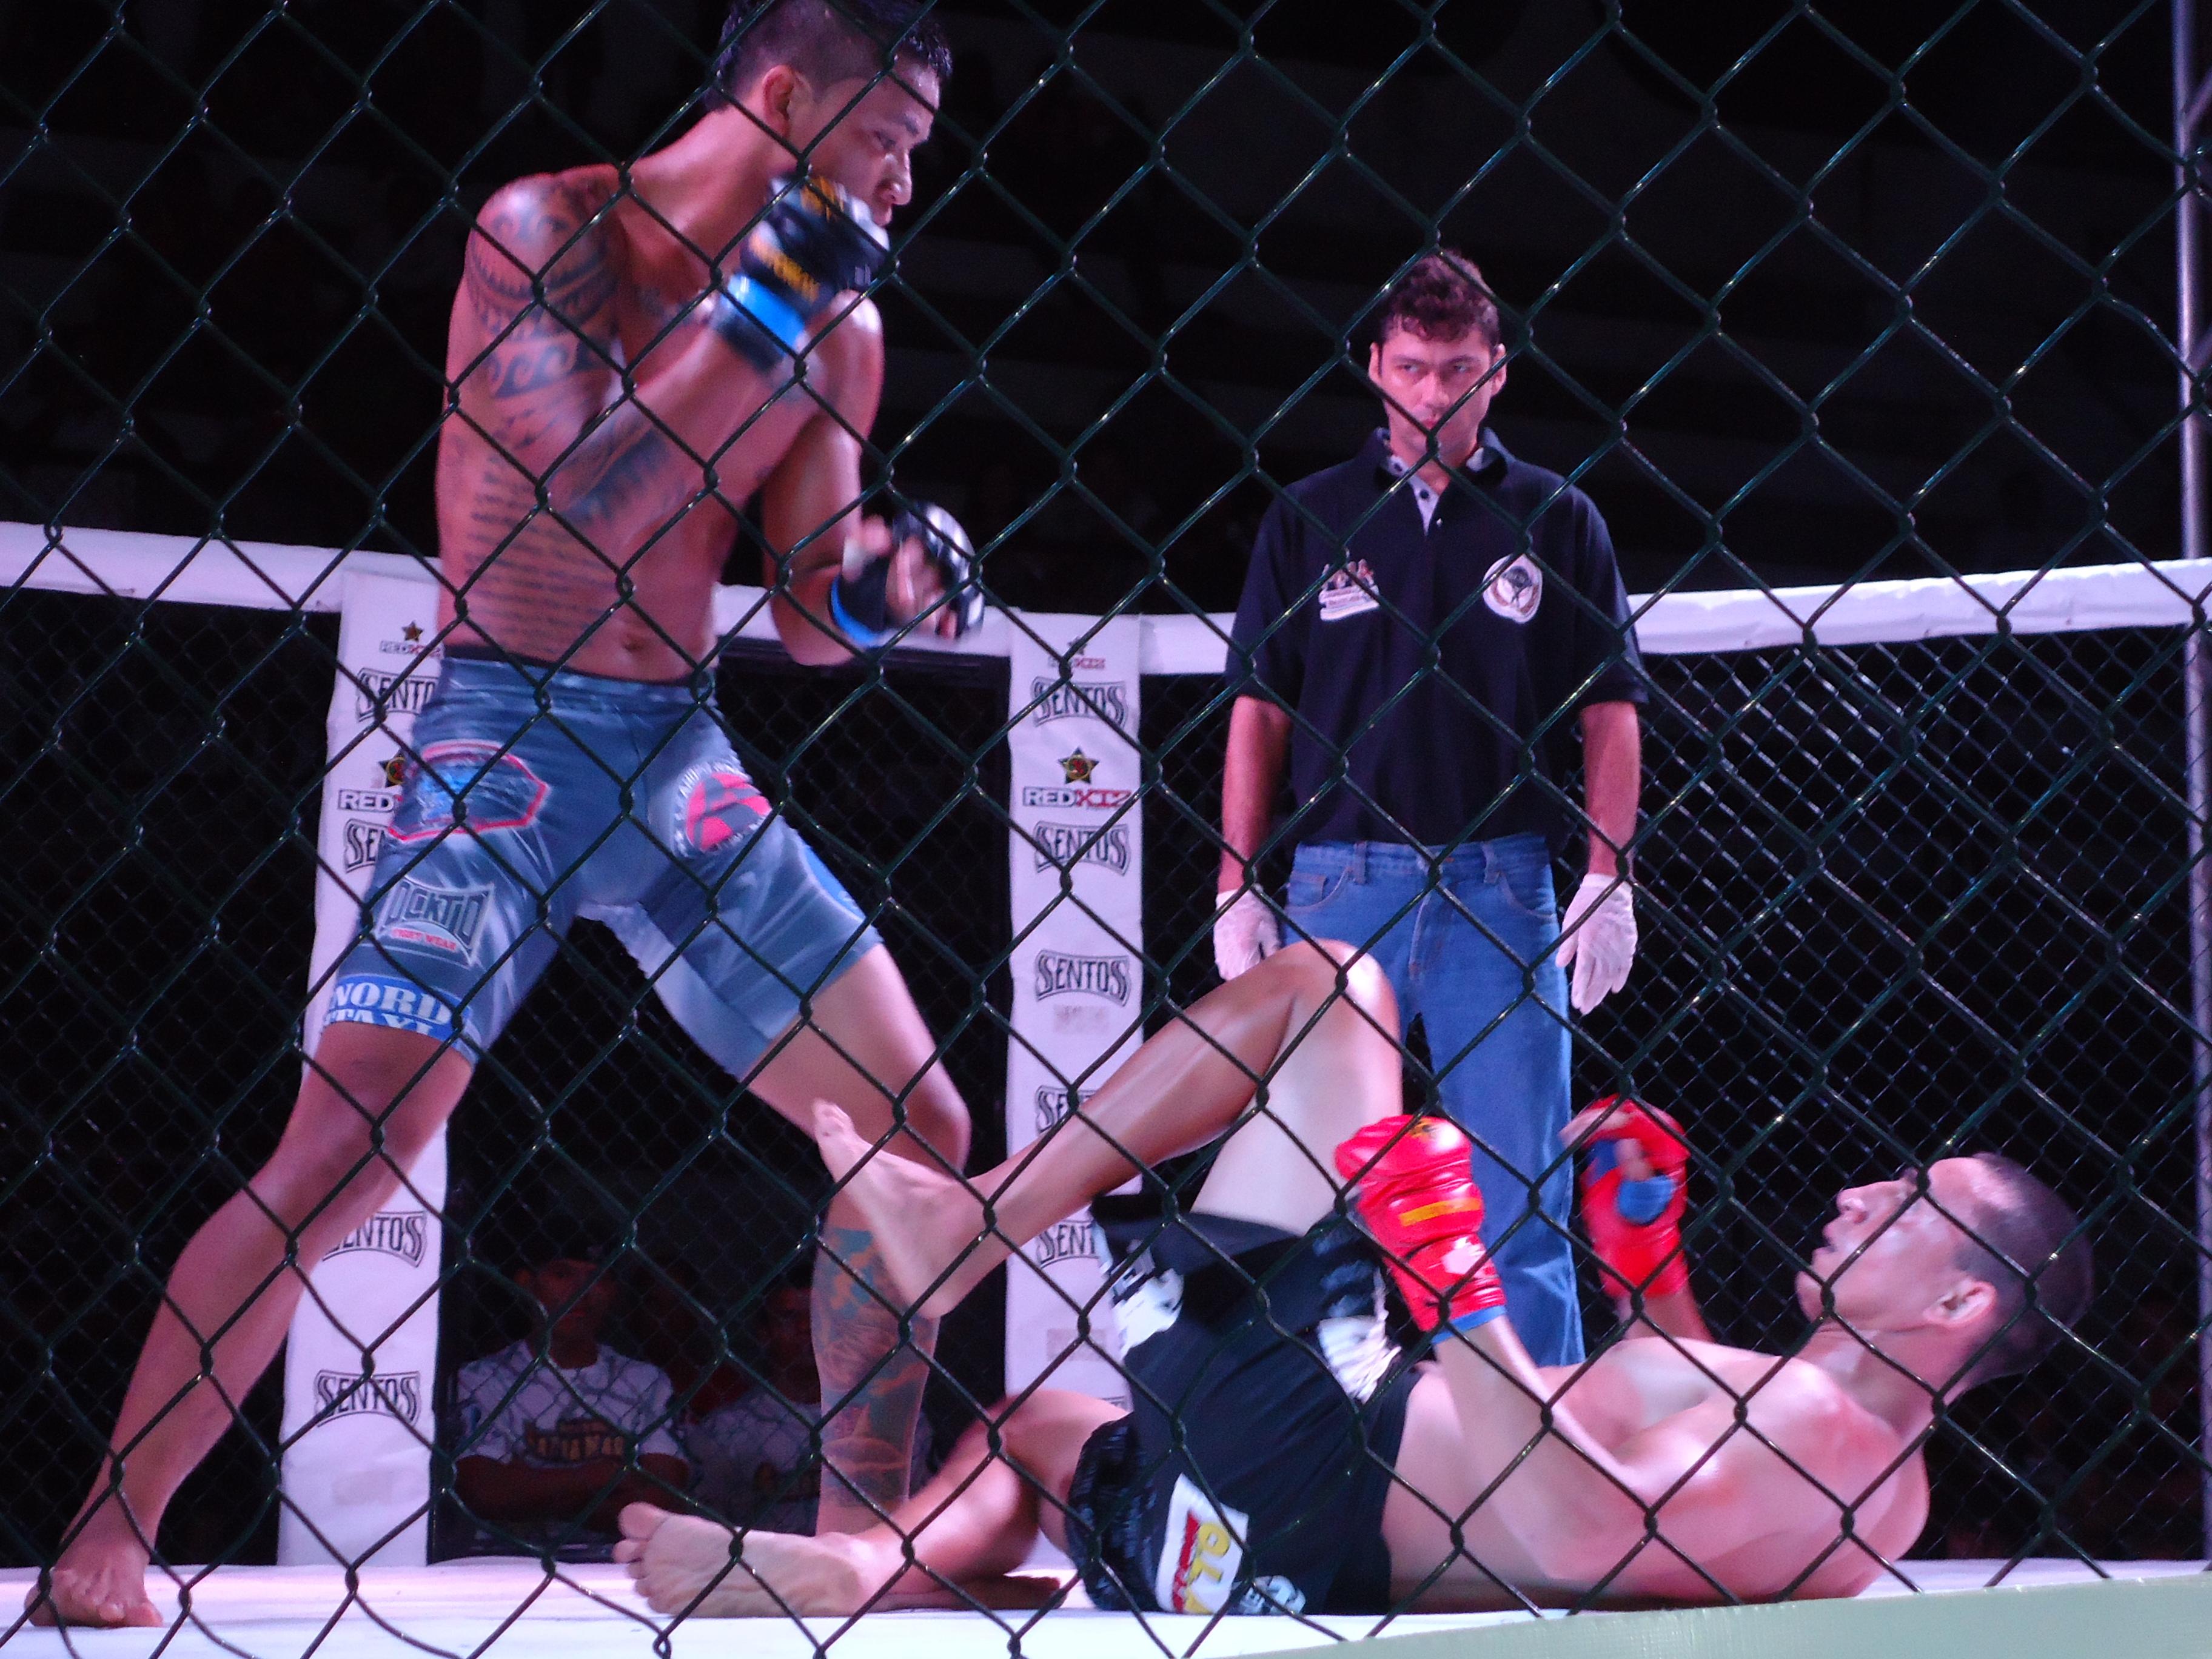 Sebastião venceu o combate em grande reviravolta nos segundos finais do 2° round. Foto: Bruno Balacó/O POVO